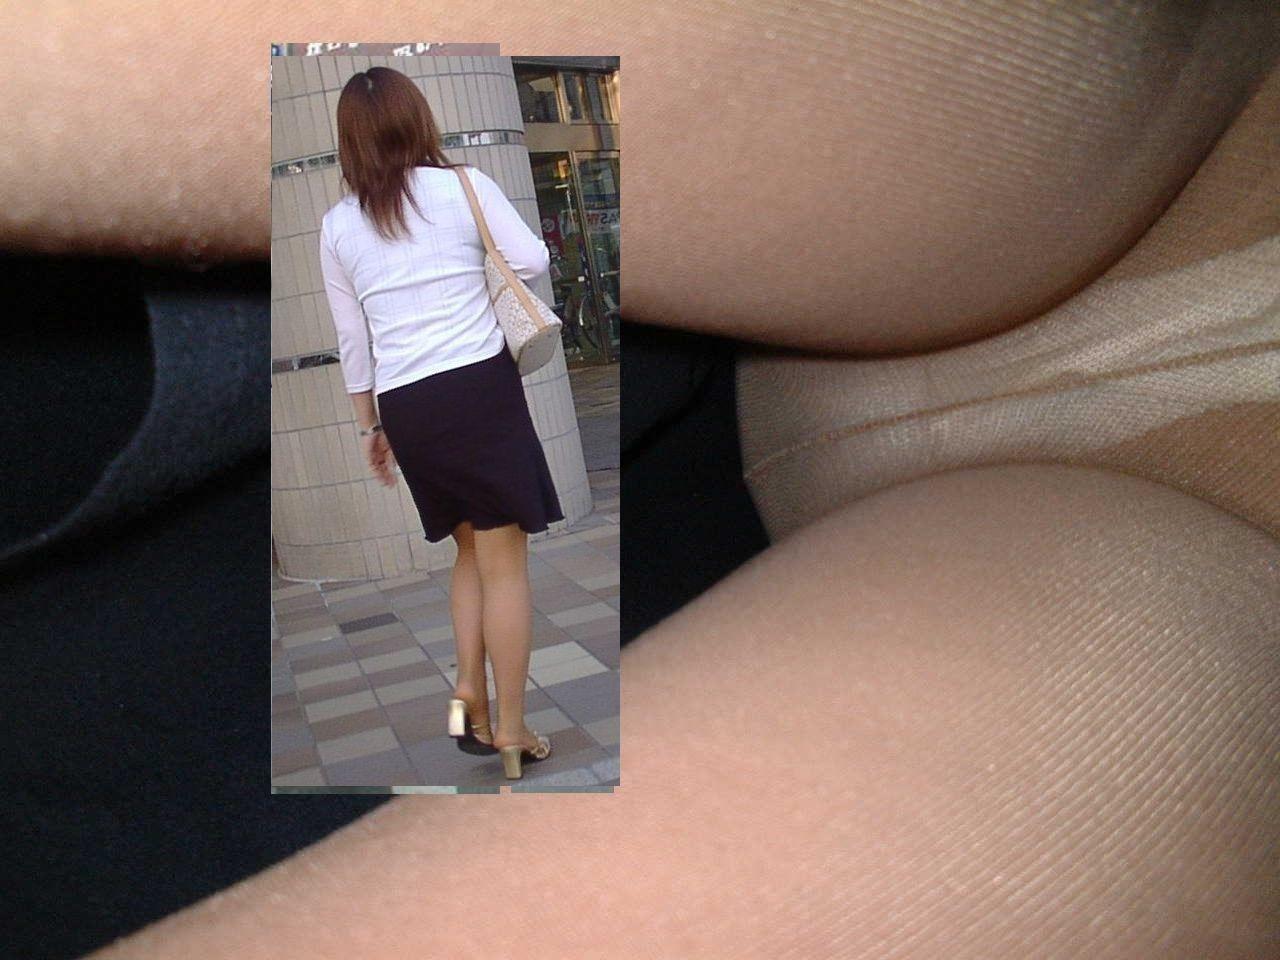 【パンチラエロ画像】暖かくなって蒸れ度も上がった下半身の逆さ撮り!(;^ω^)